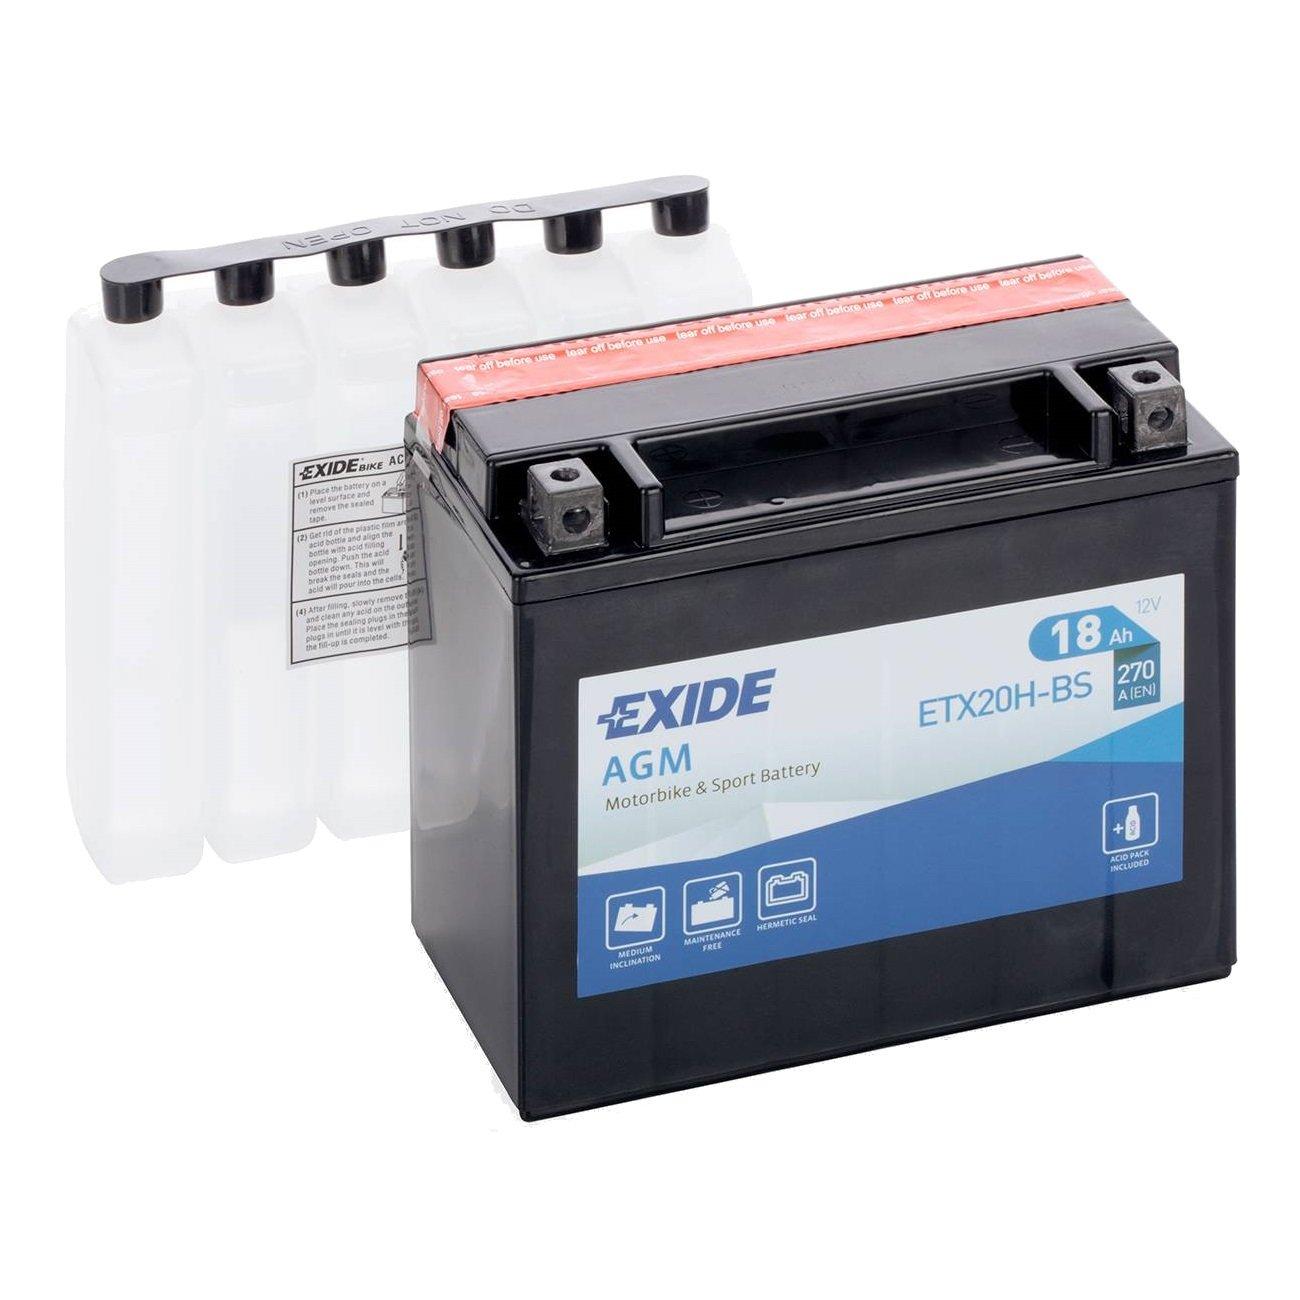 Exide YTX20H-BS, ETX20H-BS